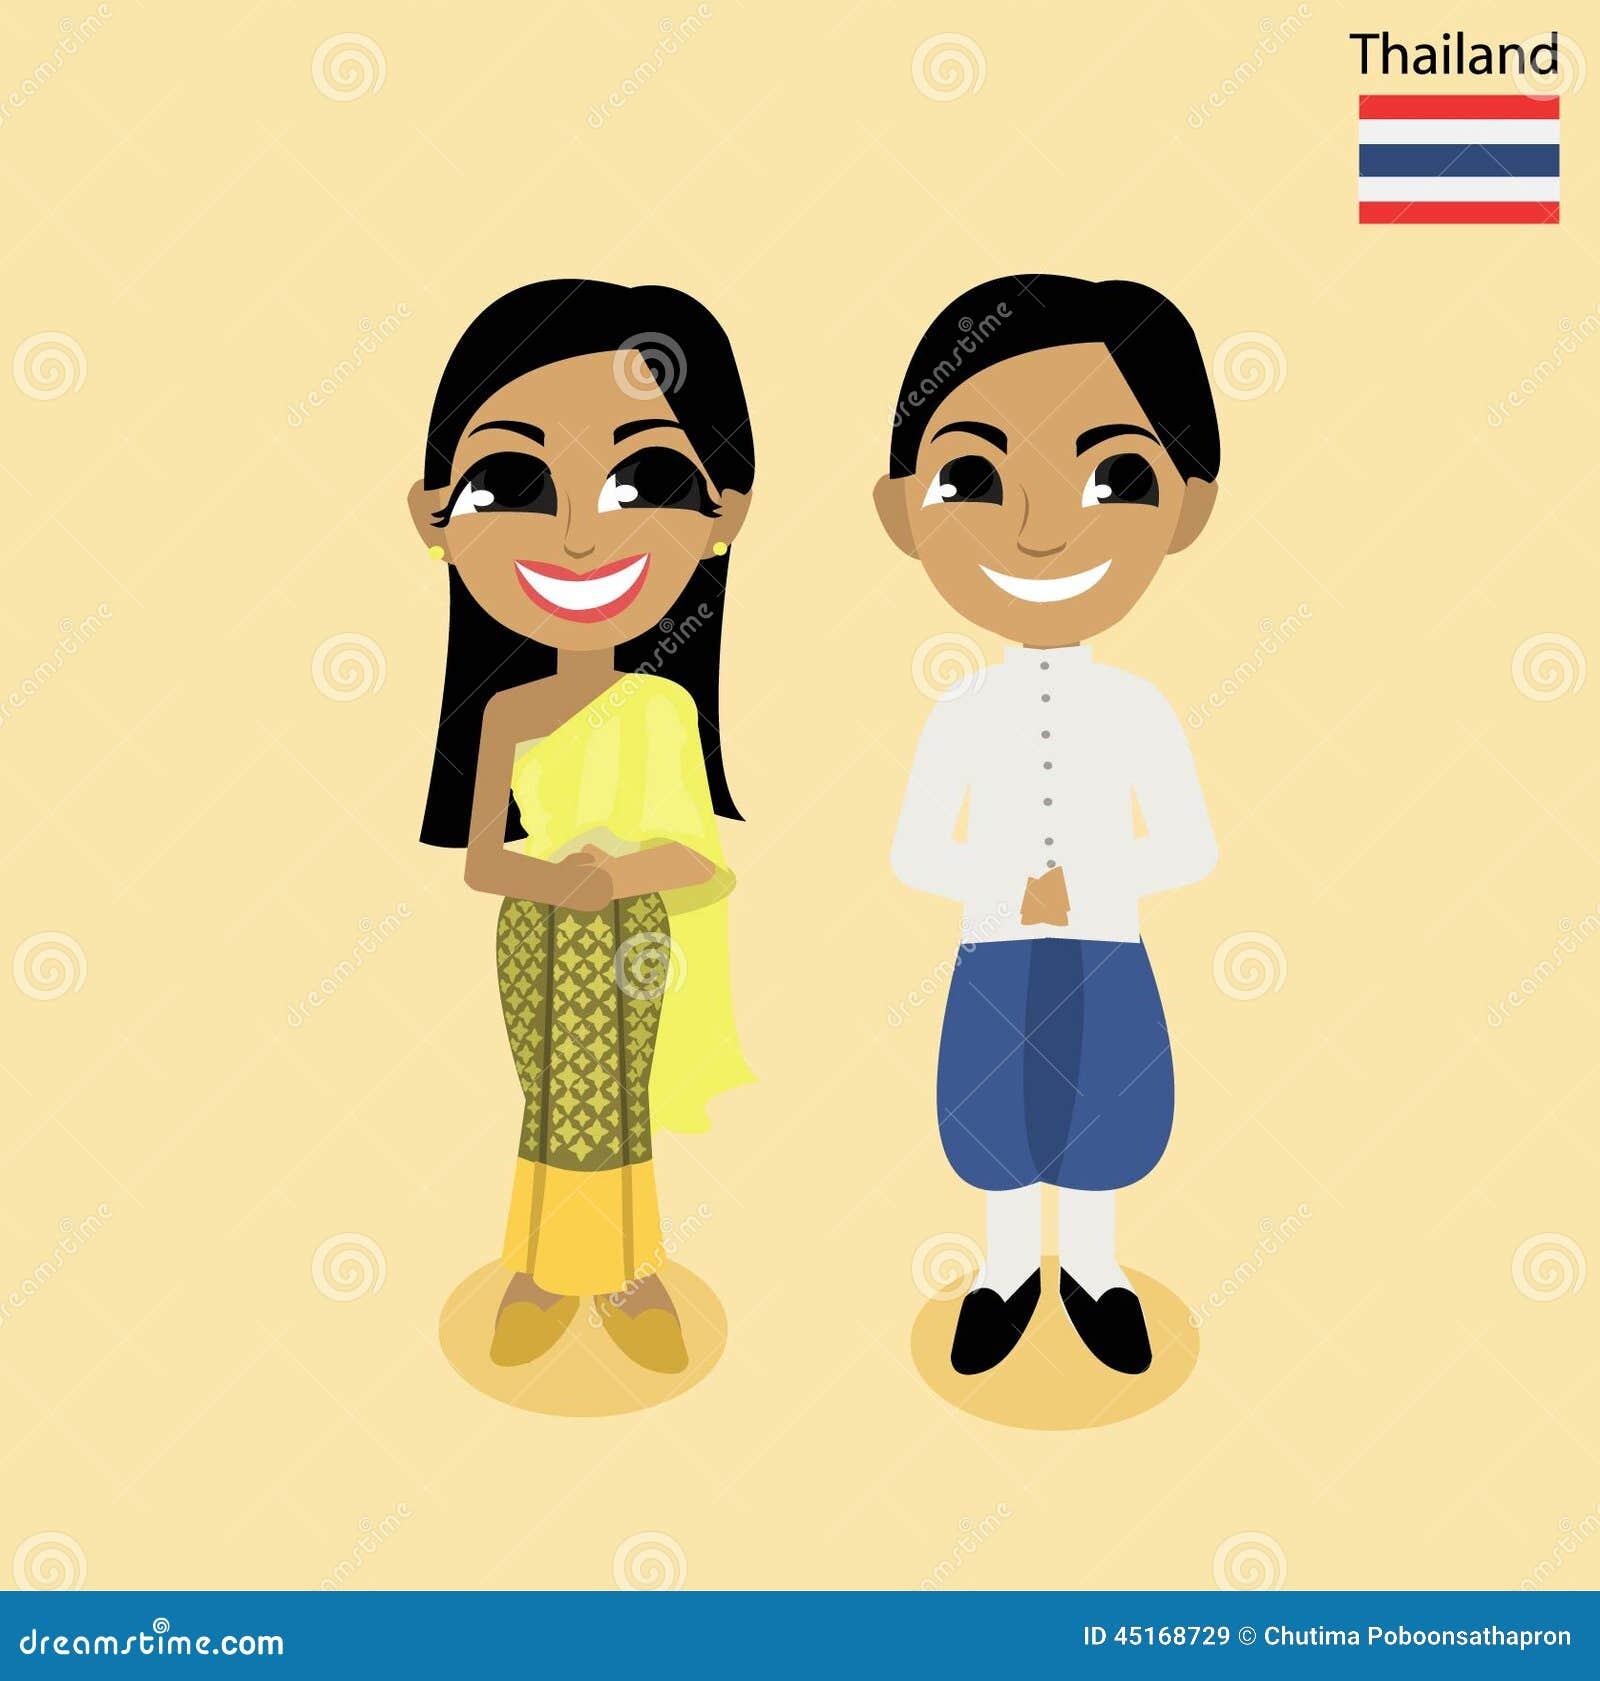 Cartoon Asean Thailand Stock Vector Image 45168729